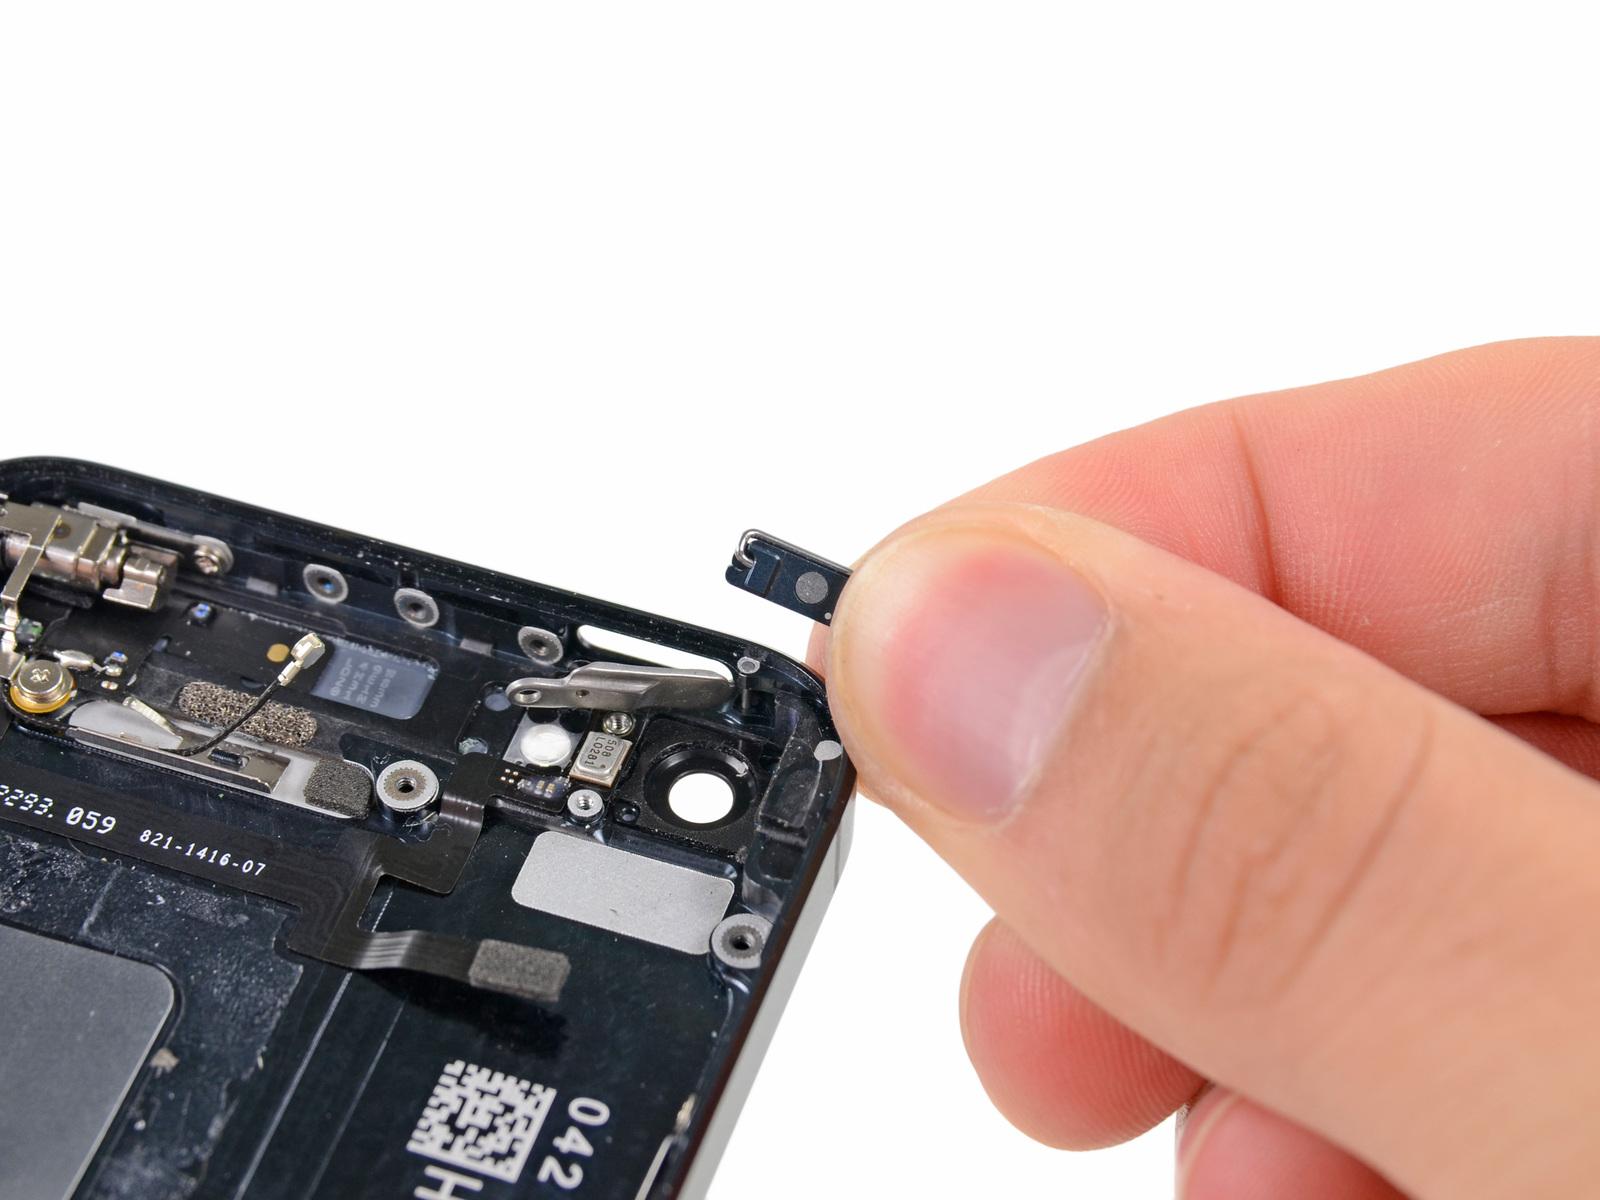 Замена кнопки включения на iphone 5